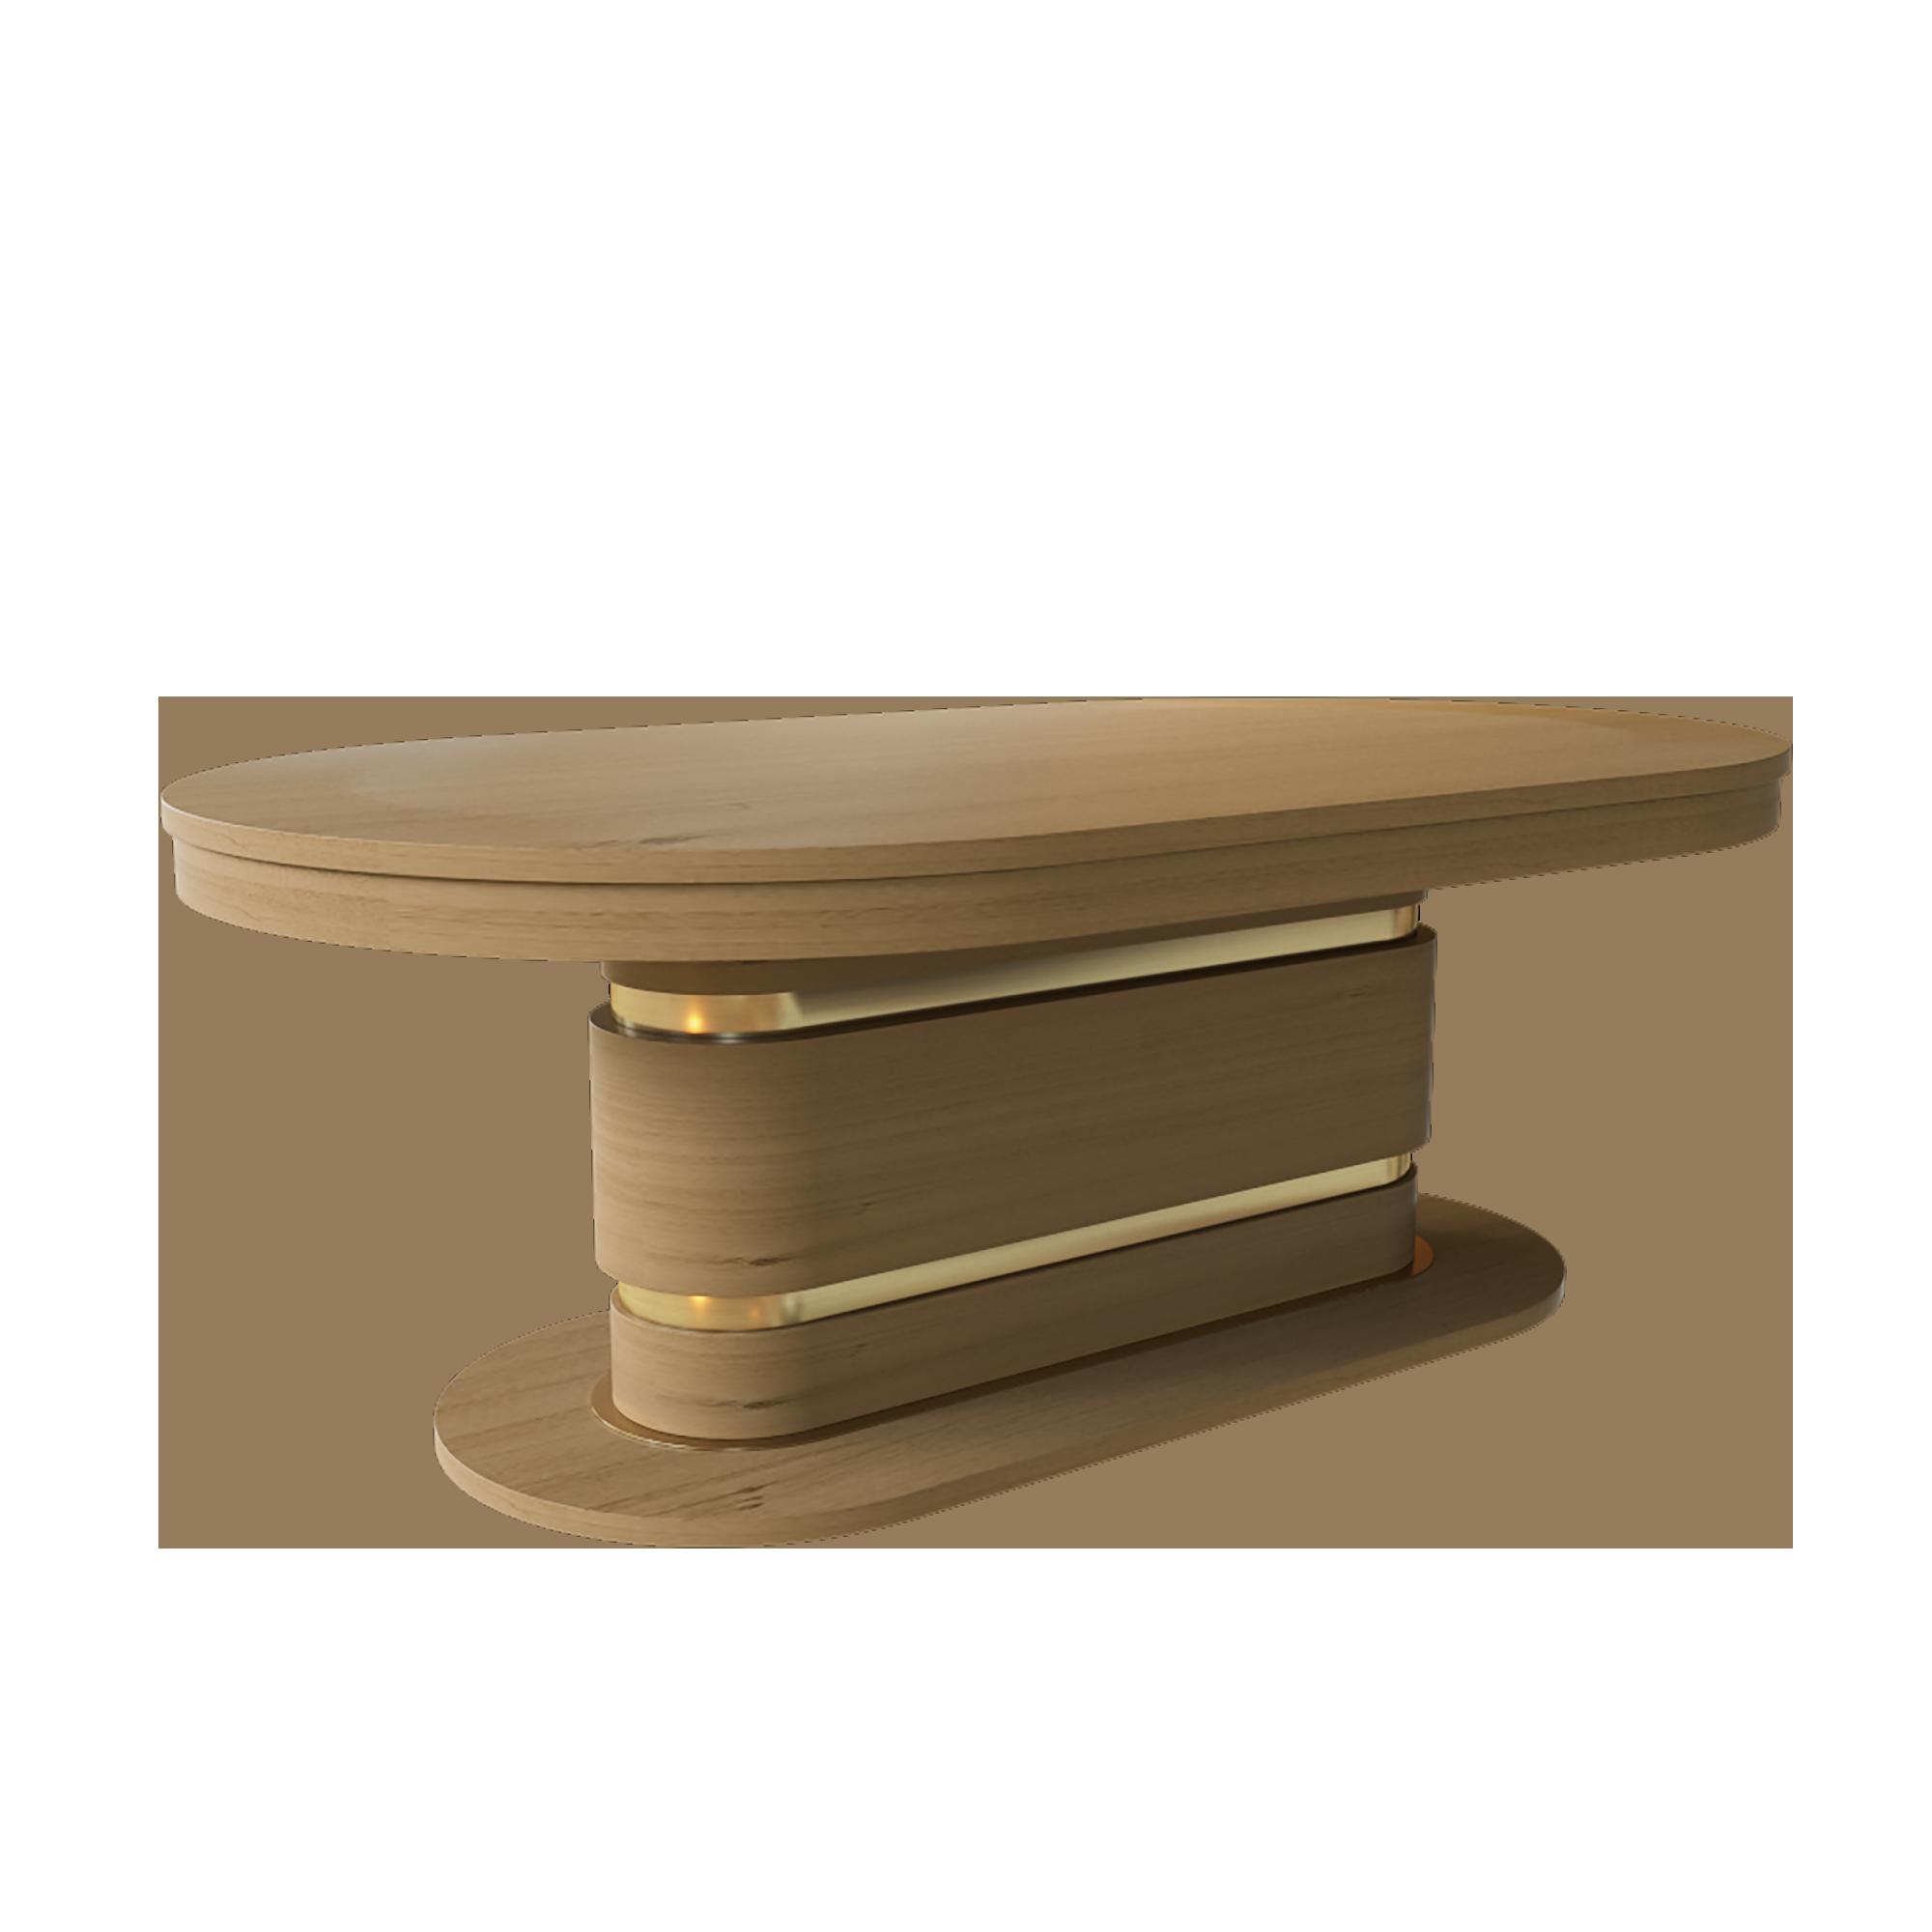 Обеденный стол Any-Home S024 - S024 | AnyHome.ru